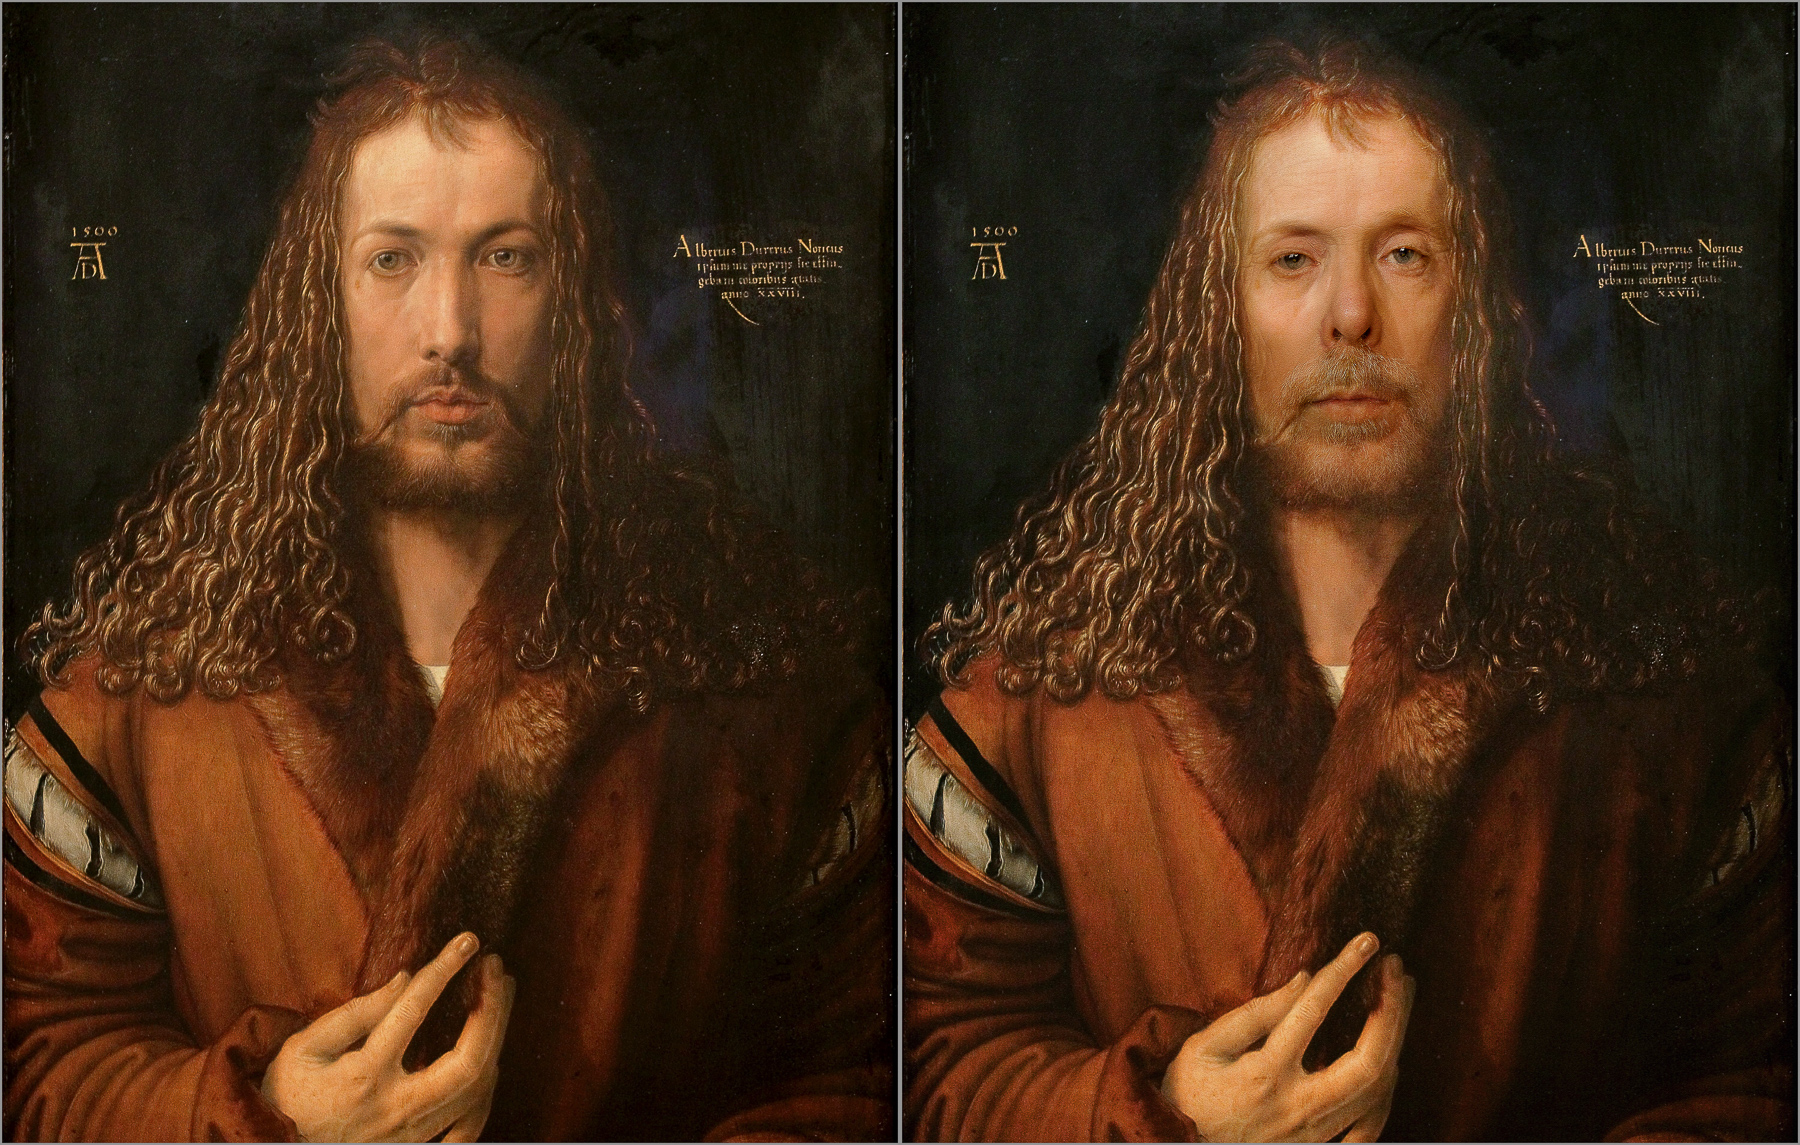 Albrecht Durer, Self Portrait, 1500 Chris Golson